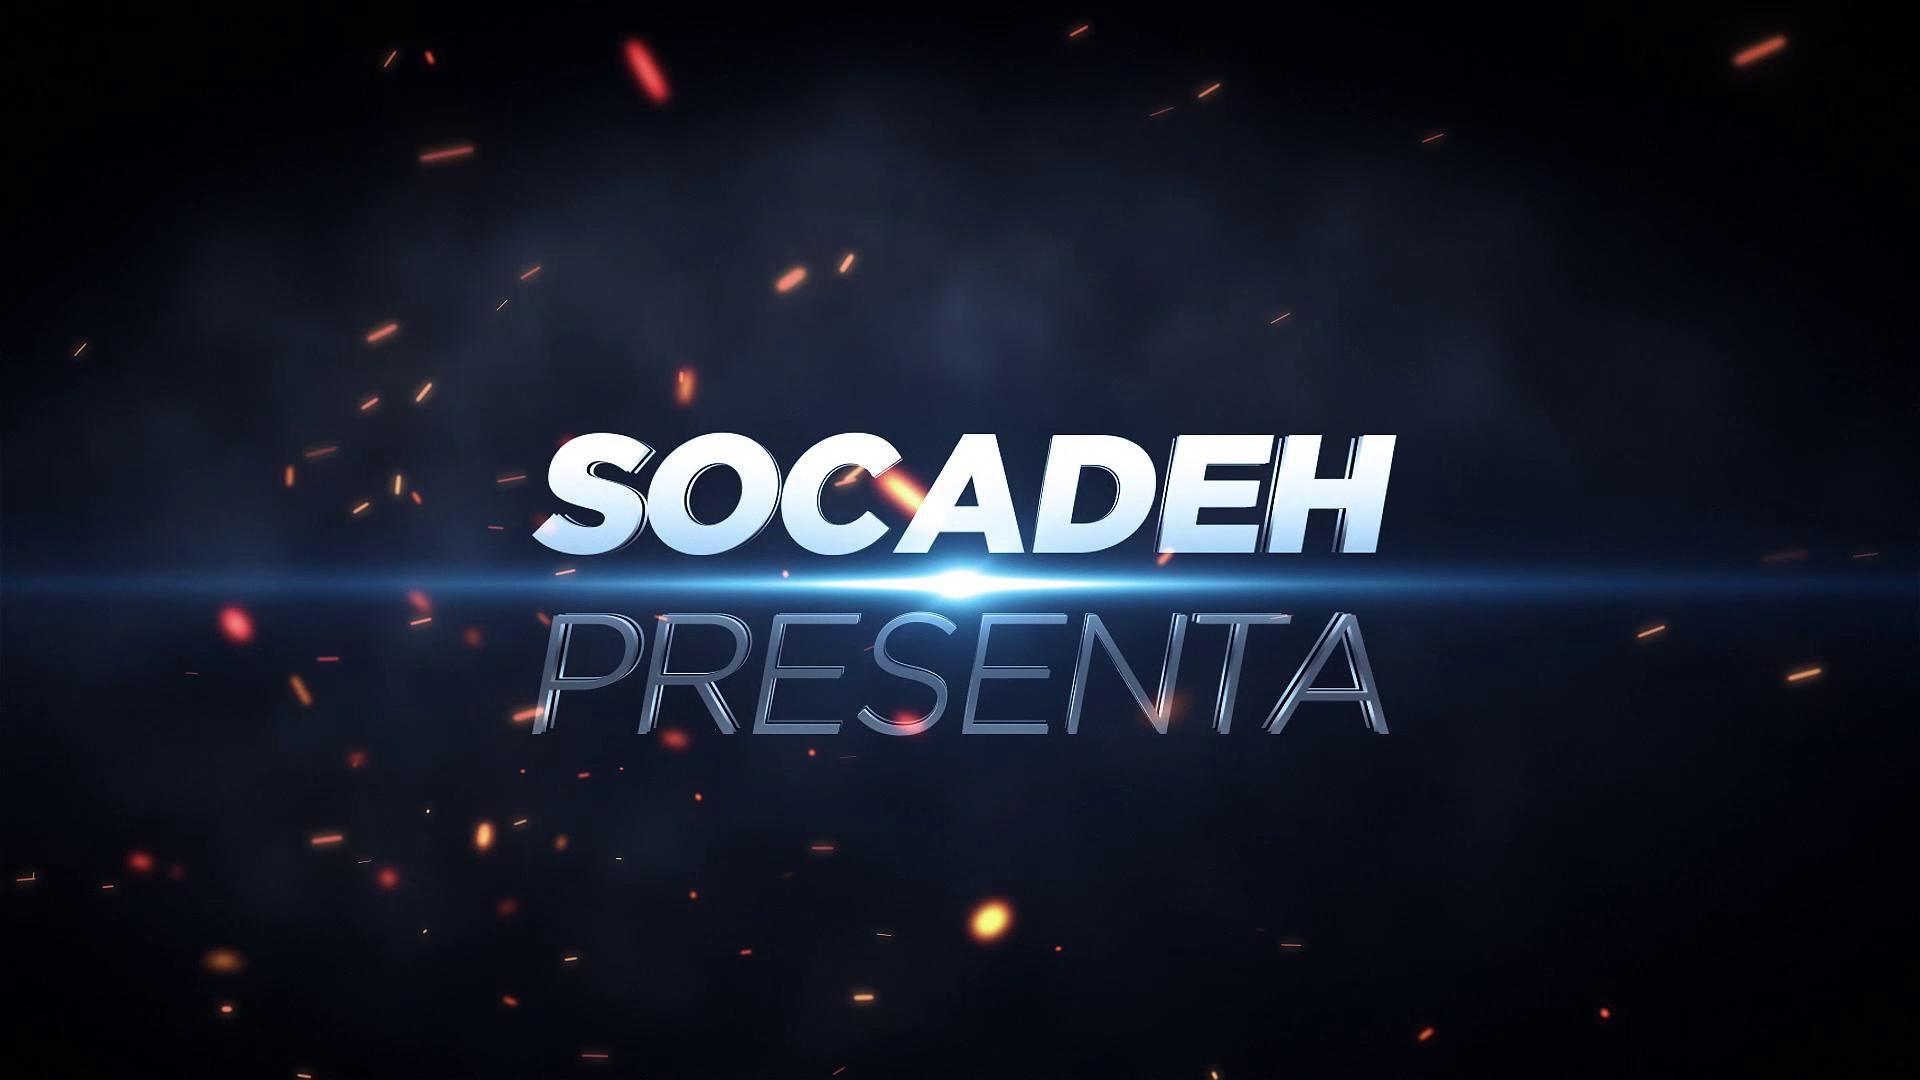 01_SOCADEH_CHILE_PRODUCCION_ADUIOVISUAL-MKT-PUBLICIDAD